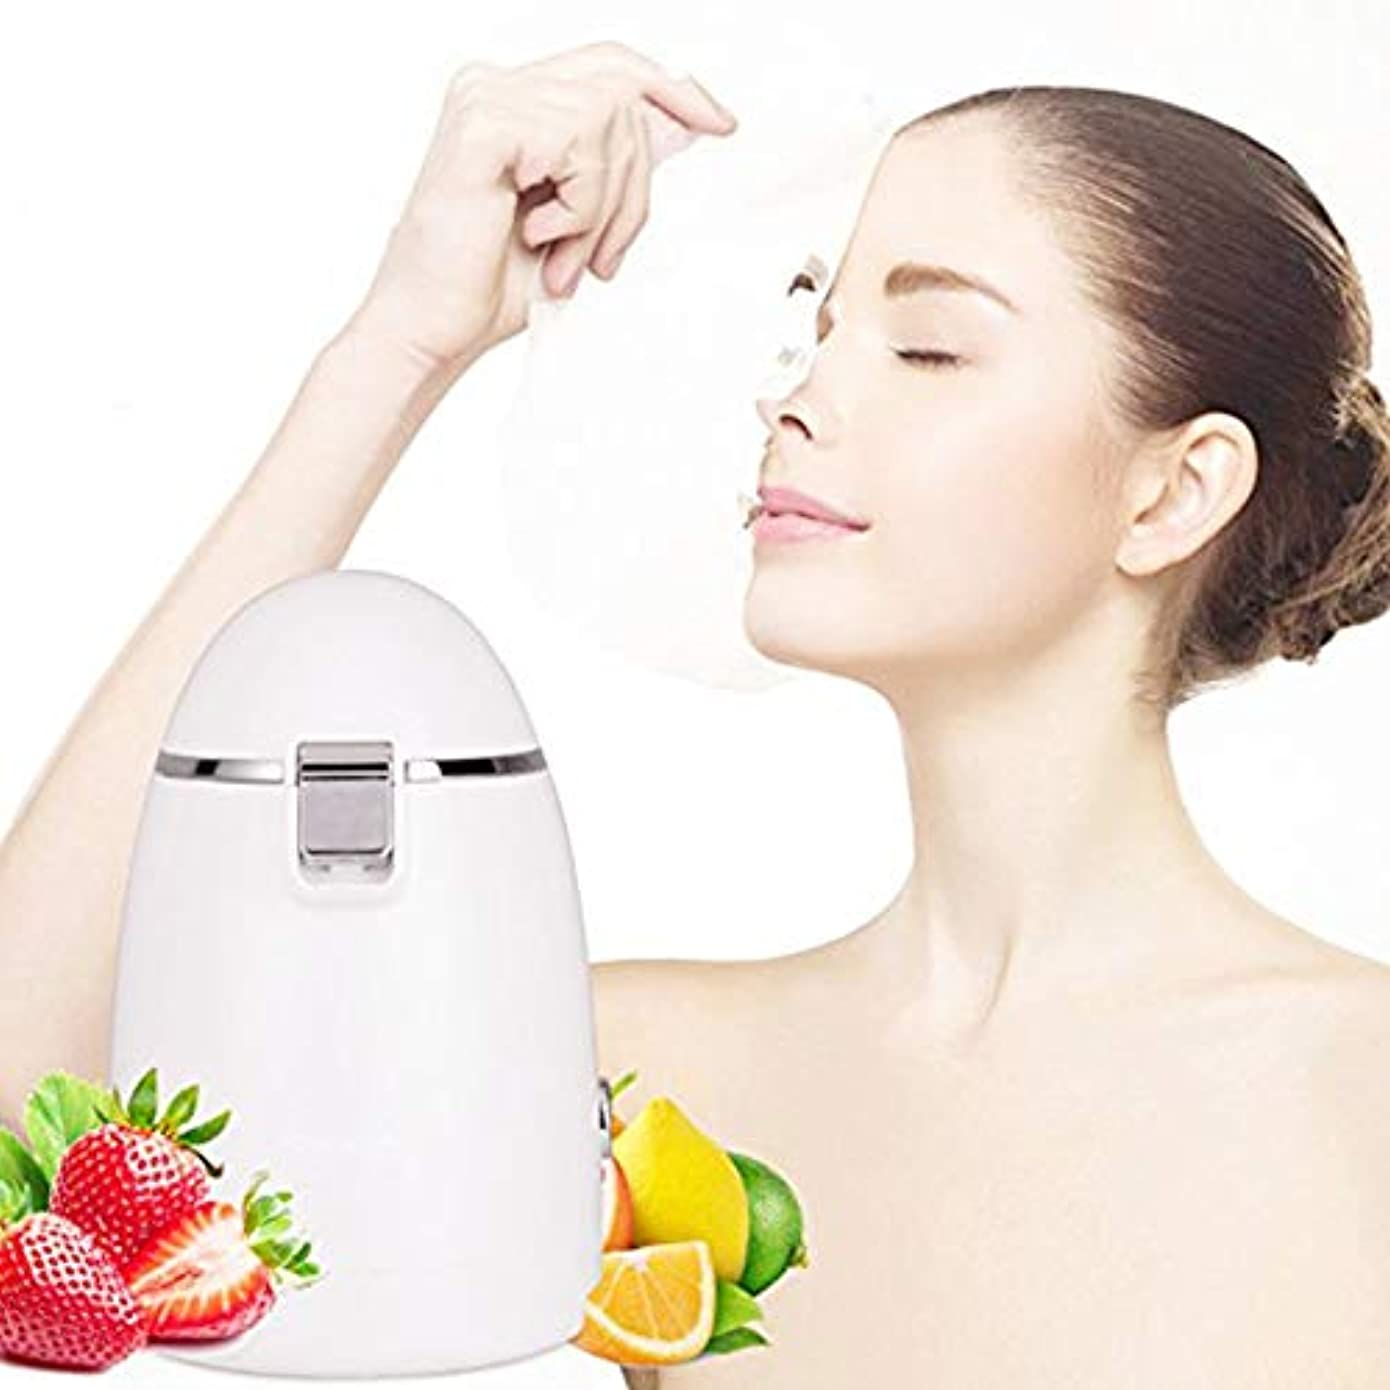 弱まるスポットバックマスクマシン、自家製家庭用マスクマシン自動多機能攪拌加熱果物と野菜 DIY マスクフルーツマスク